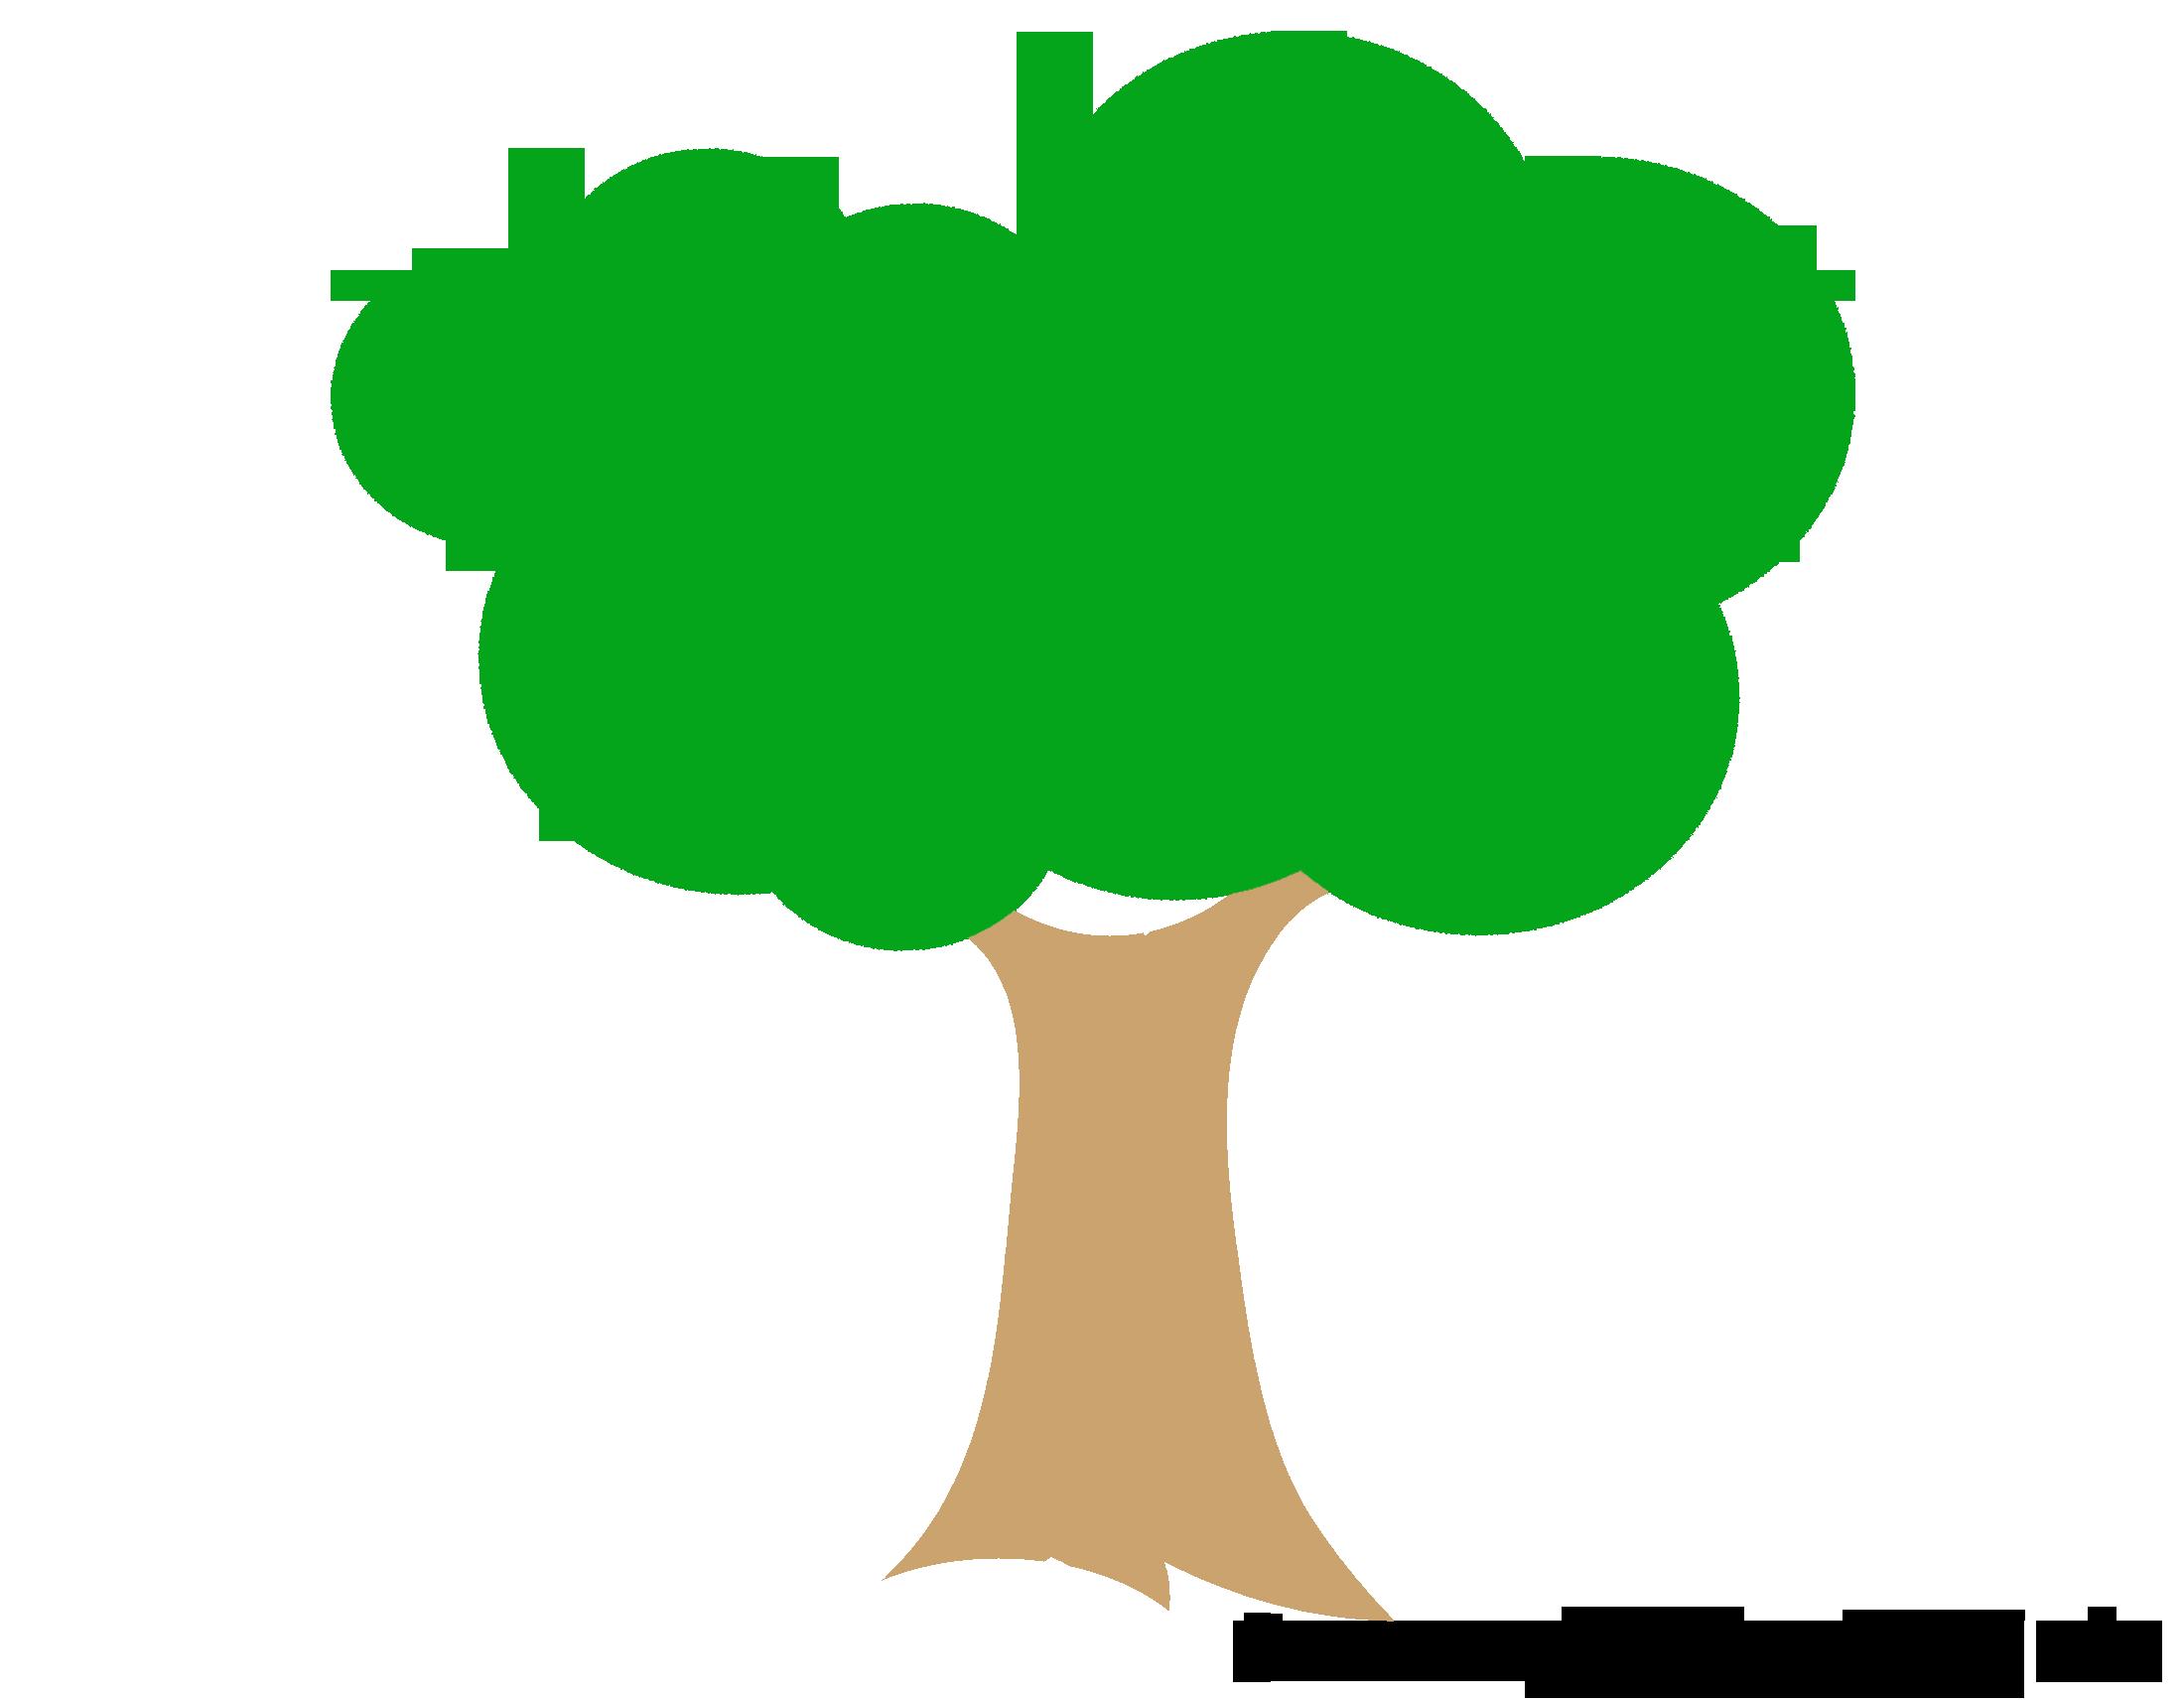 arbre clip art gratuit dessin plantes dessin picture image graphic clip art t l charger. Black Bedroom Furniture Sets. Home Design Ideas